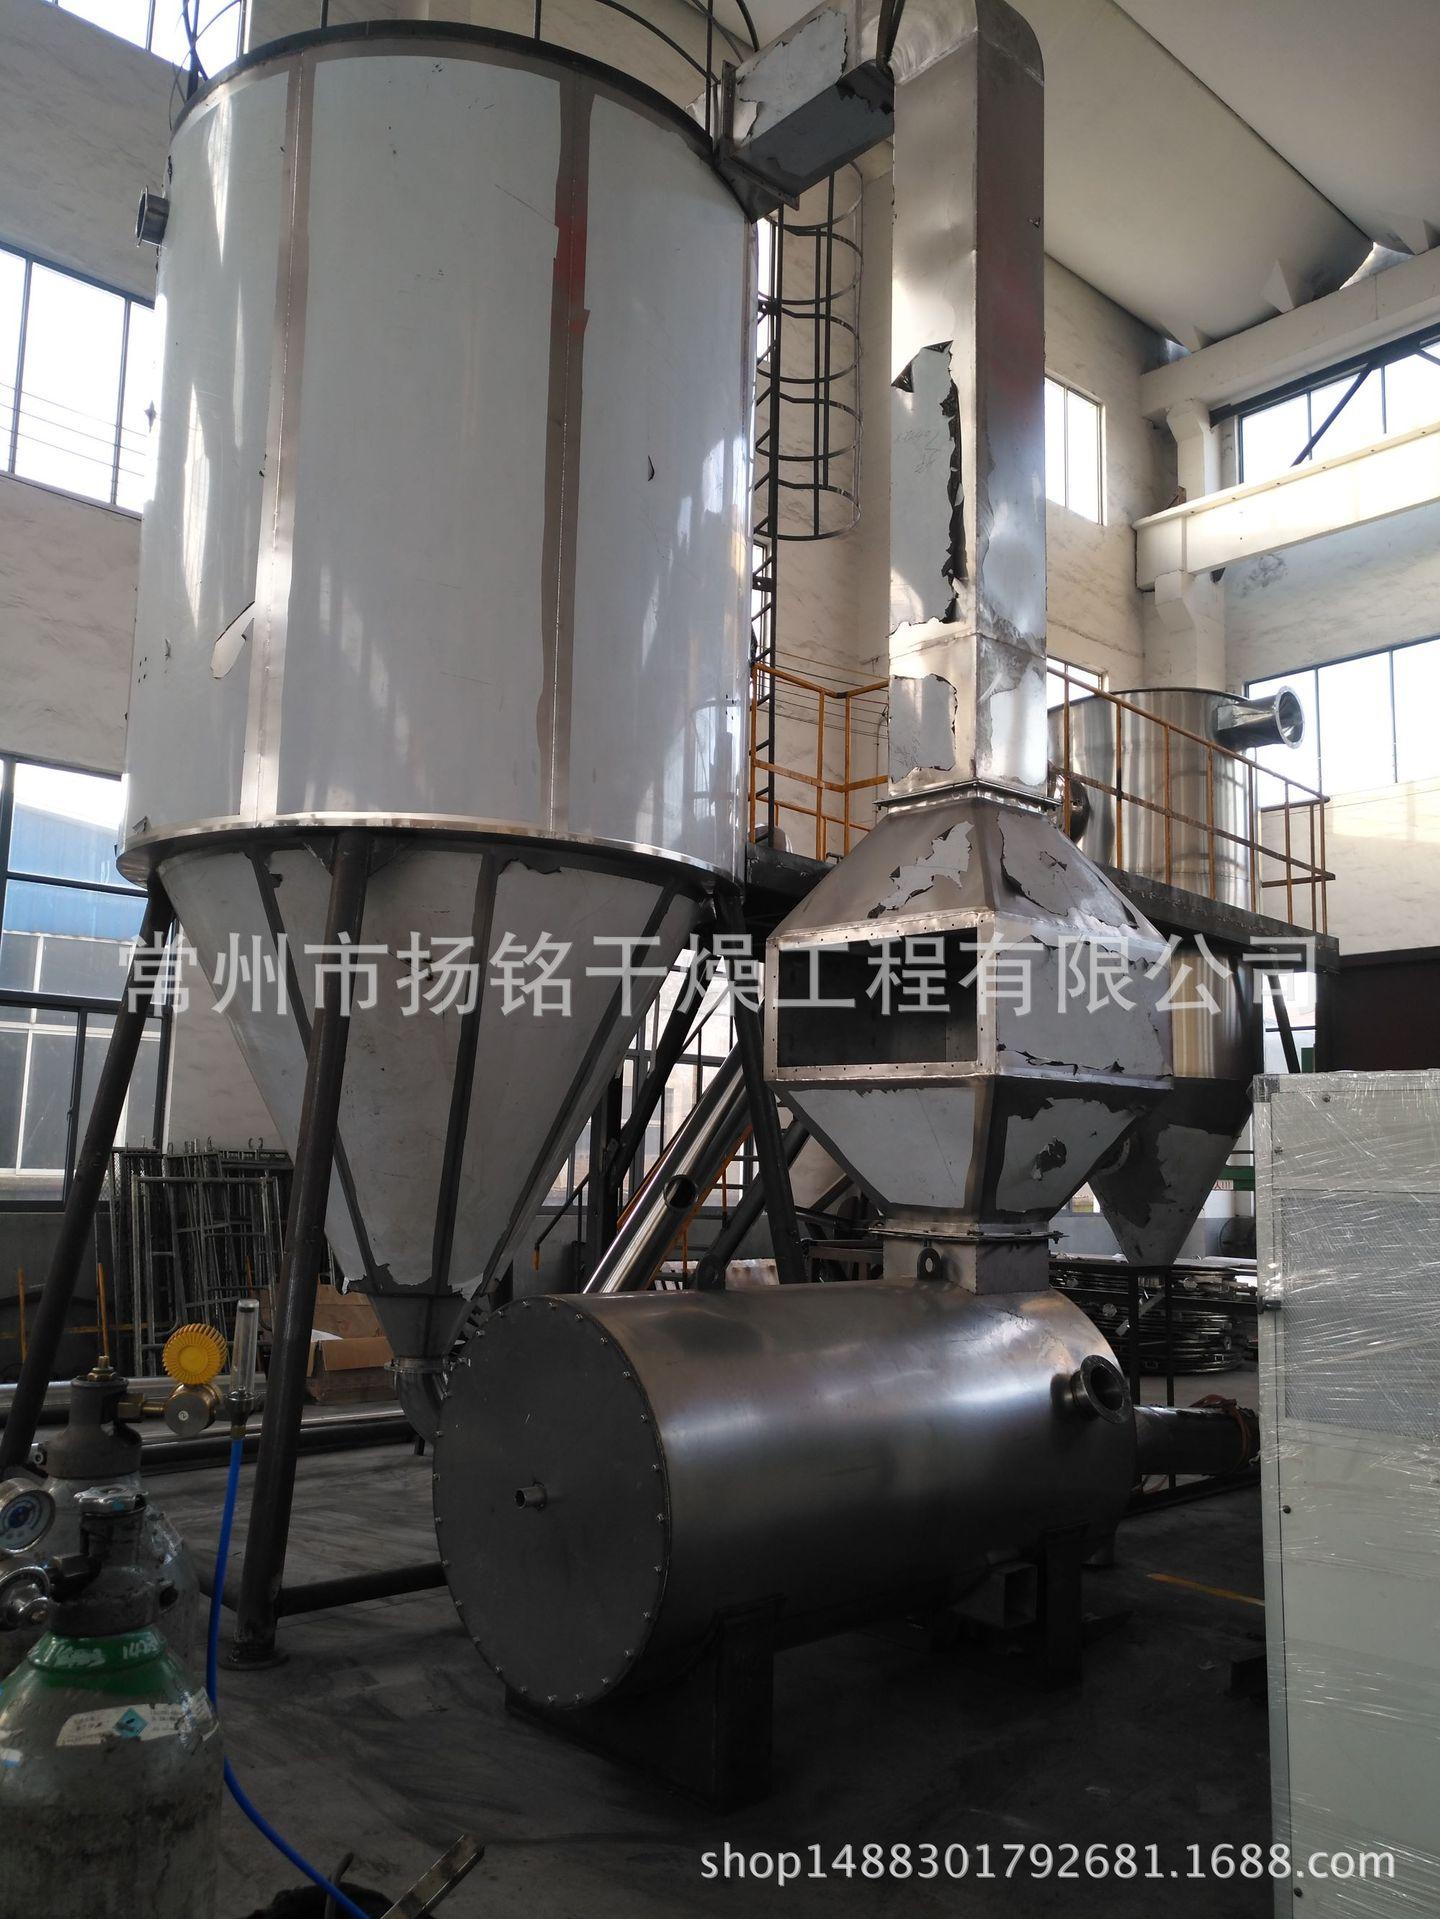 离心喷雾干燥机 实验室专用LPG-5型喷雾干燥塔 不锈钢一步制粒机图片